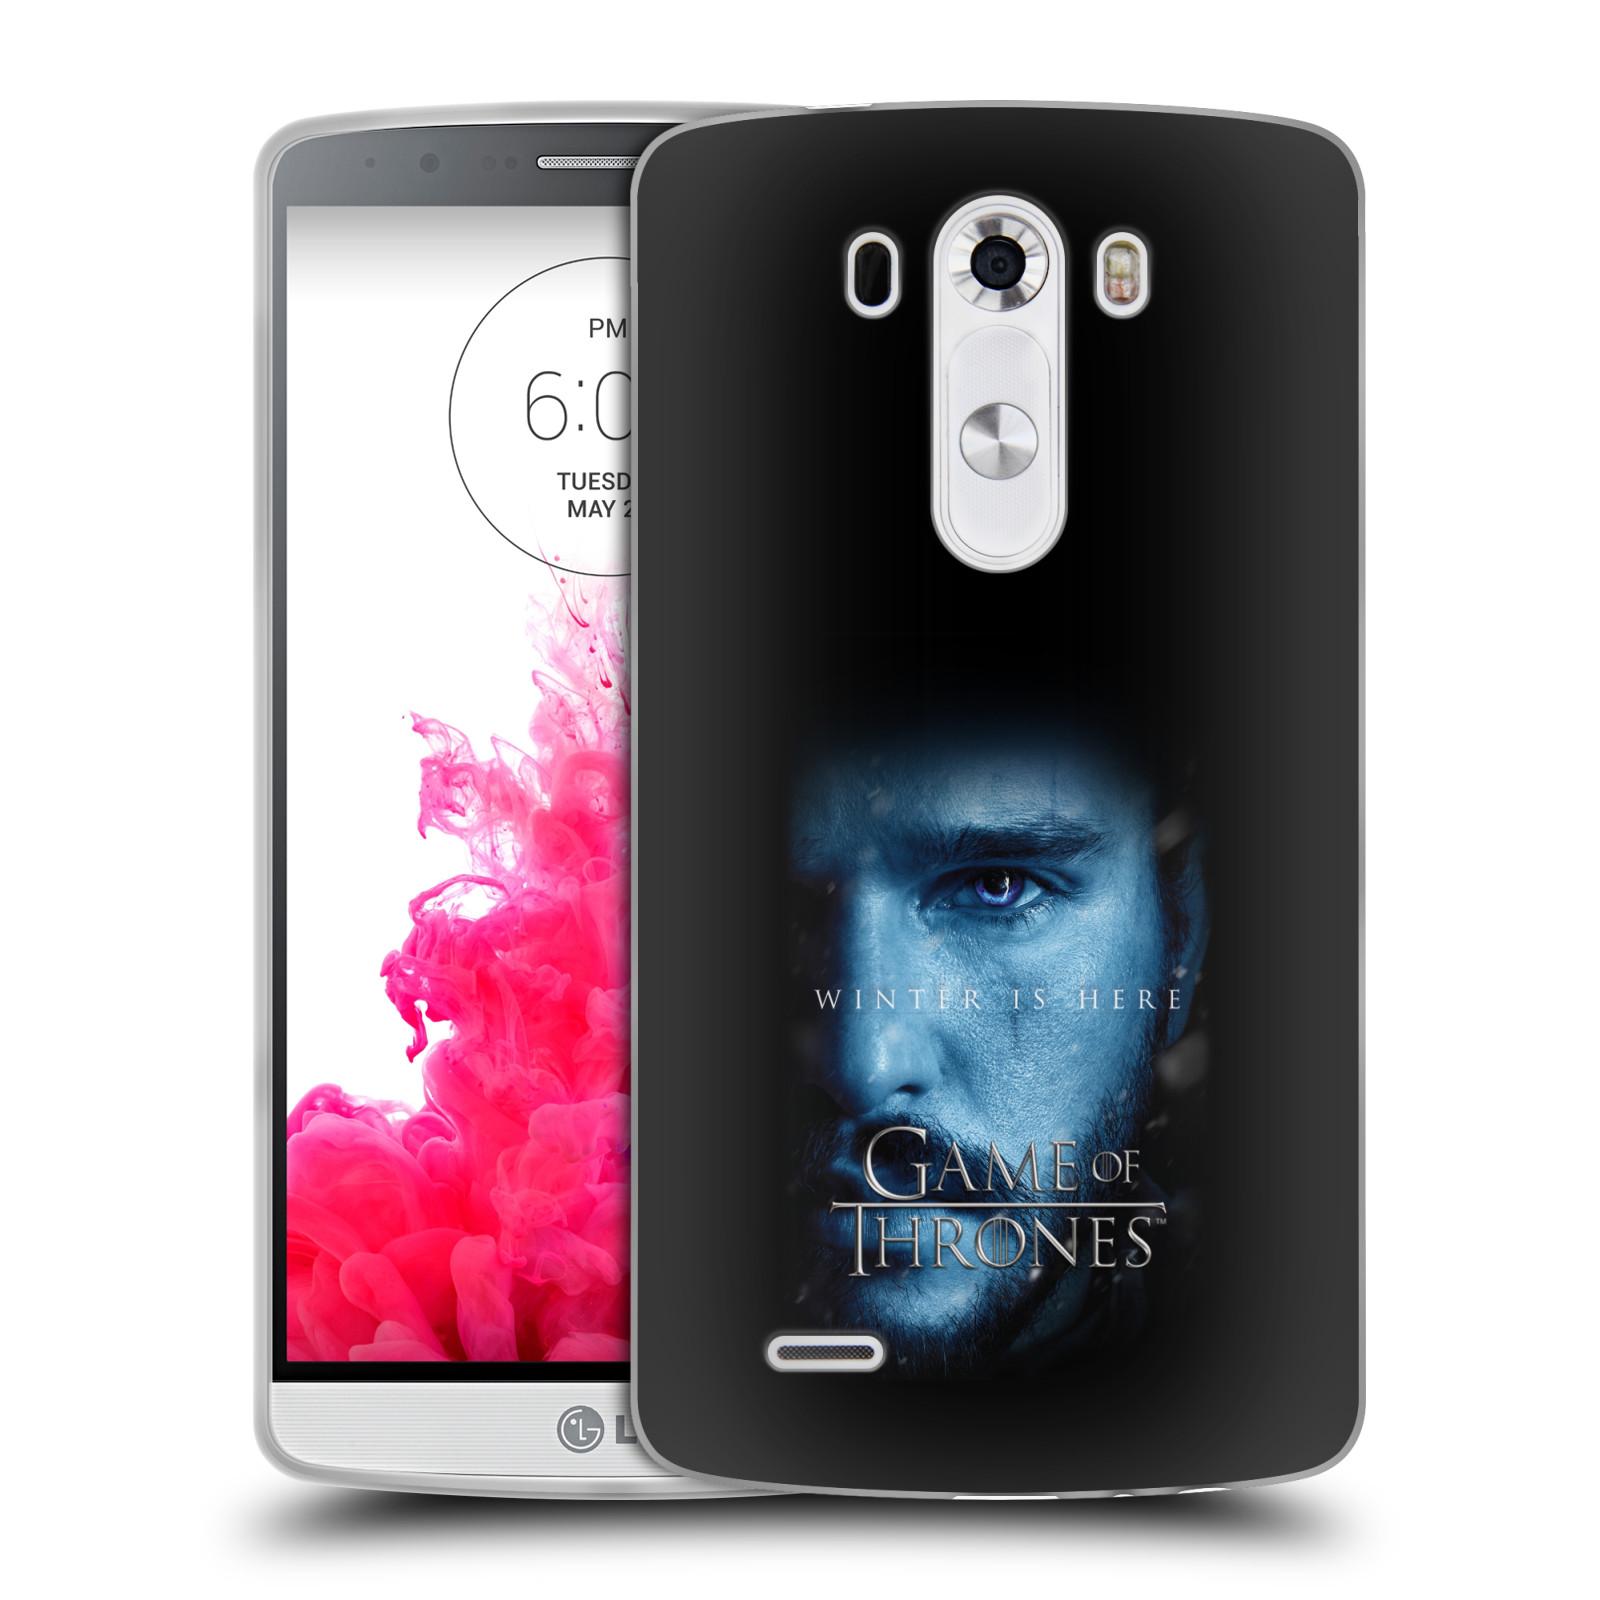 Silikonové pouzdro na mobil LG G3 - Head Case - Hra o trůny - Jon Snow - Winter is here (Silikonový kryt či obal na mobilní telefon s motivem Game of Thrones - Jon Snow - Winter is here - Season 7 pro LG G3)